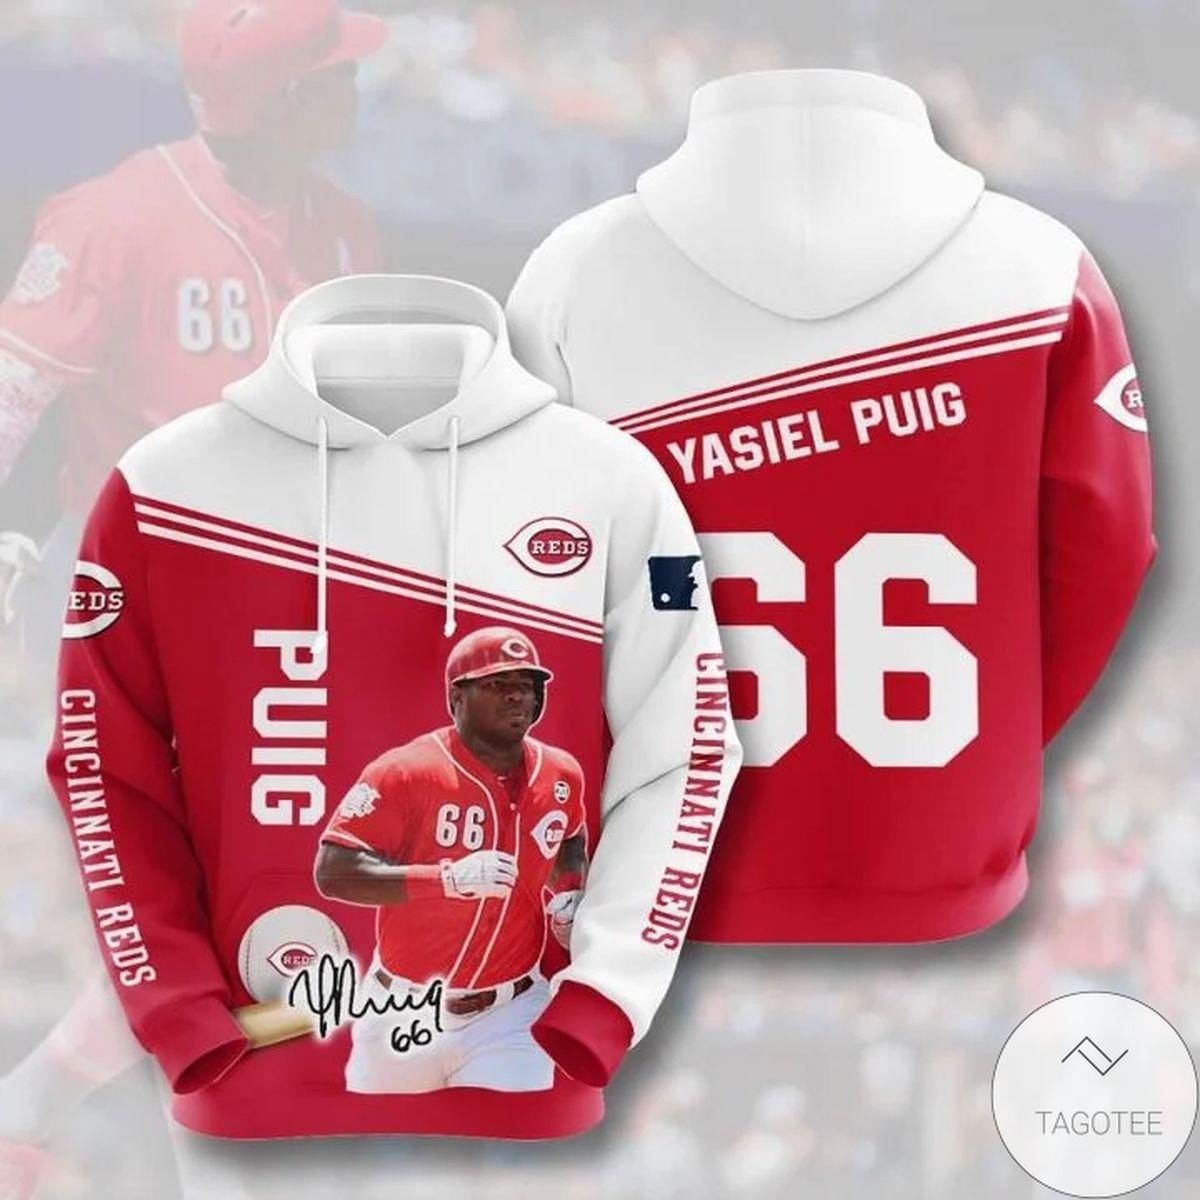 Mlb Cincinnati Reds Yasiel Puig 66 Hoodie